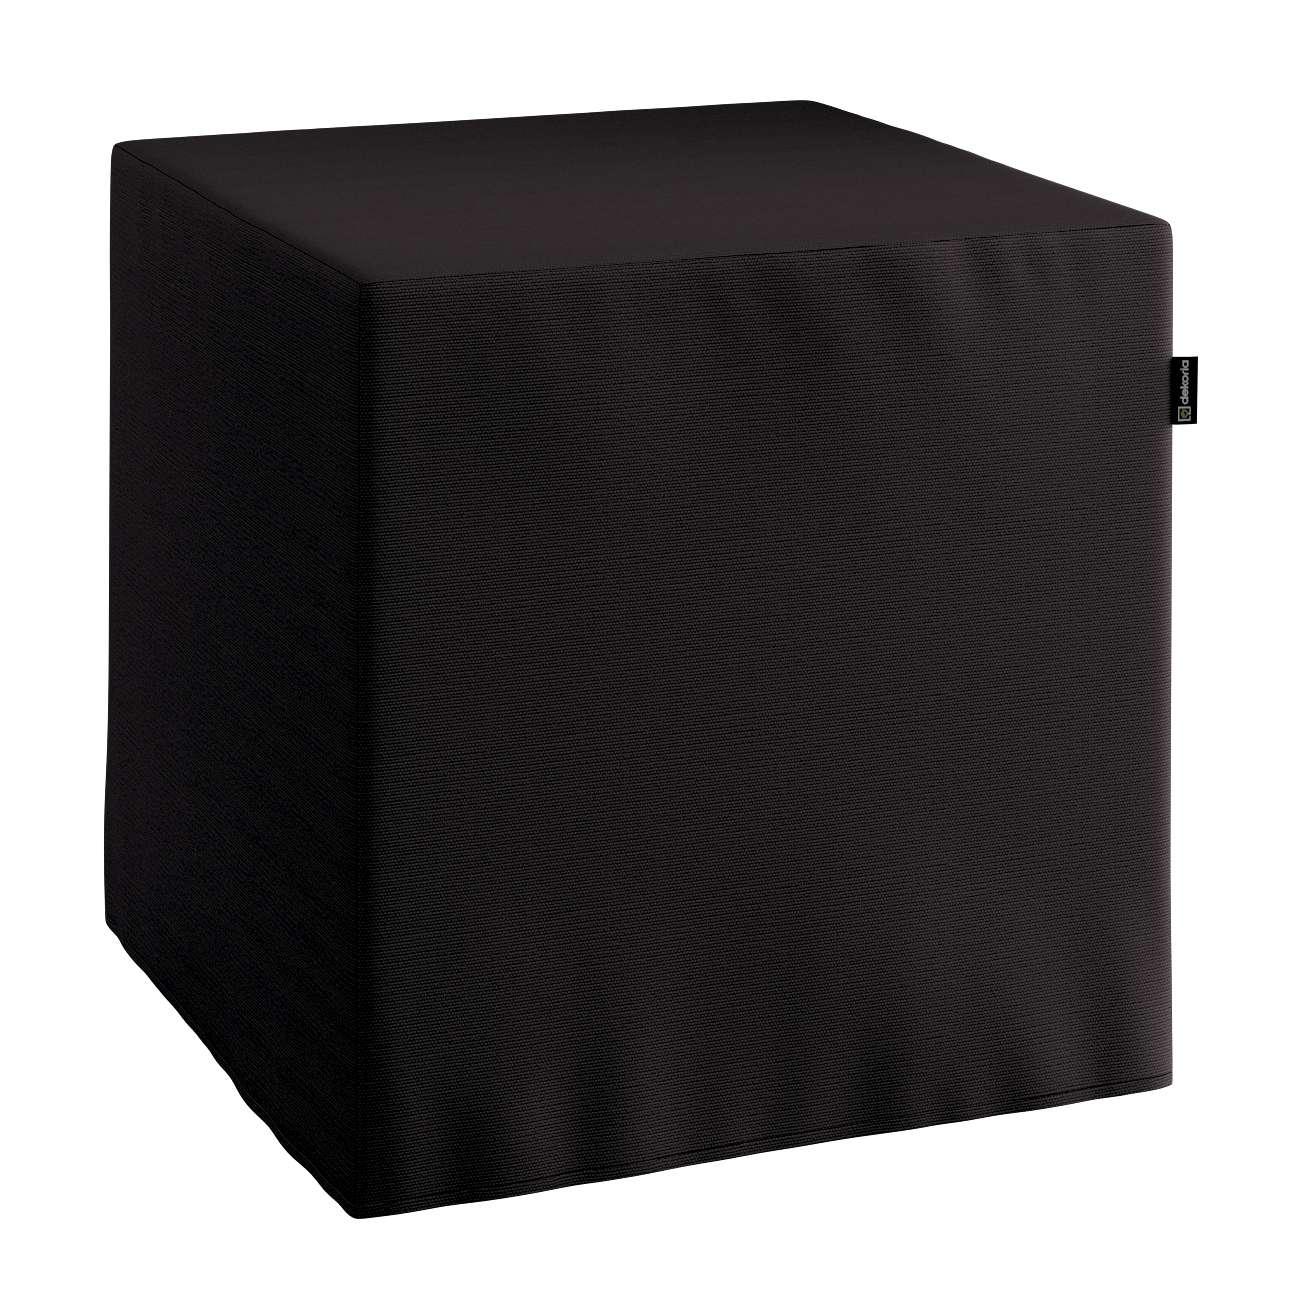 Bezug für Sitzwürfel Bezug für Sitzwürfel 40x40x40 cm von der Kollektion Cotton Panama, Stoff: 702-08